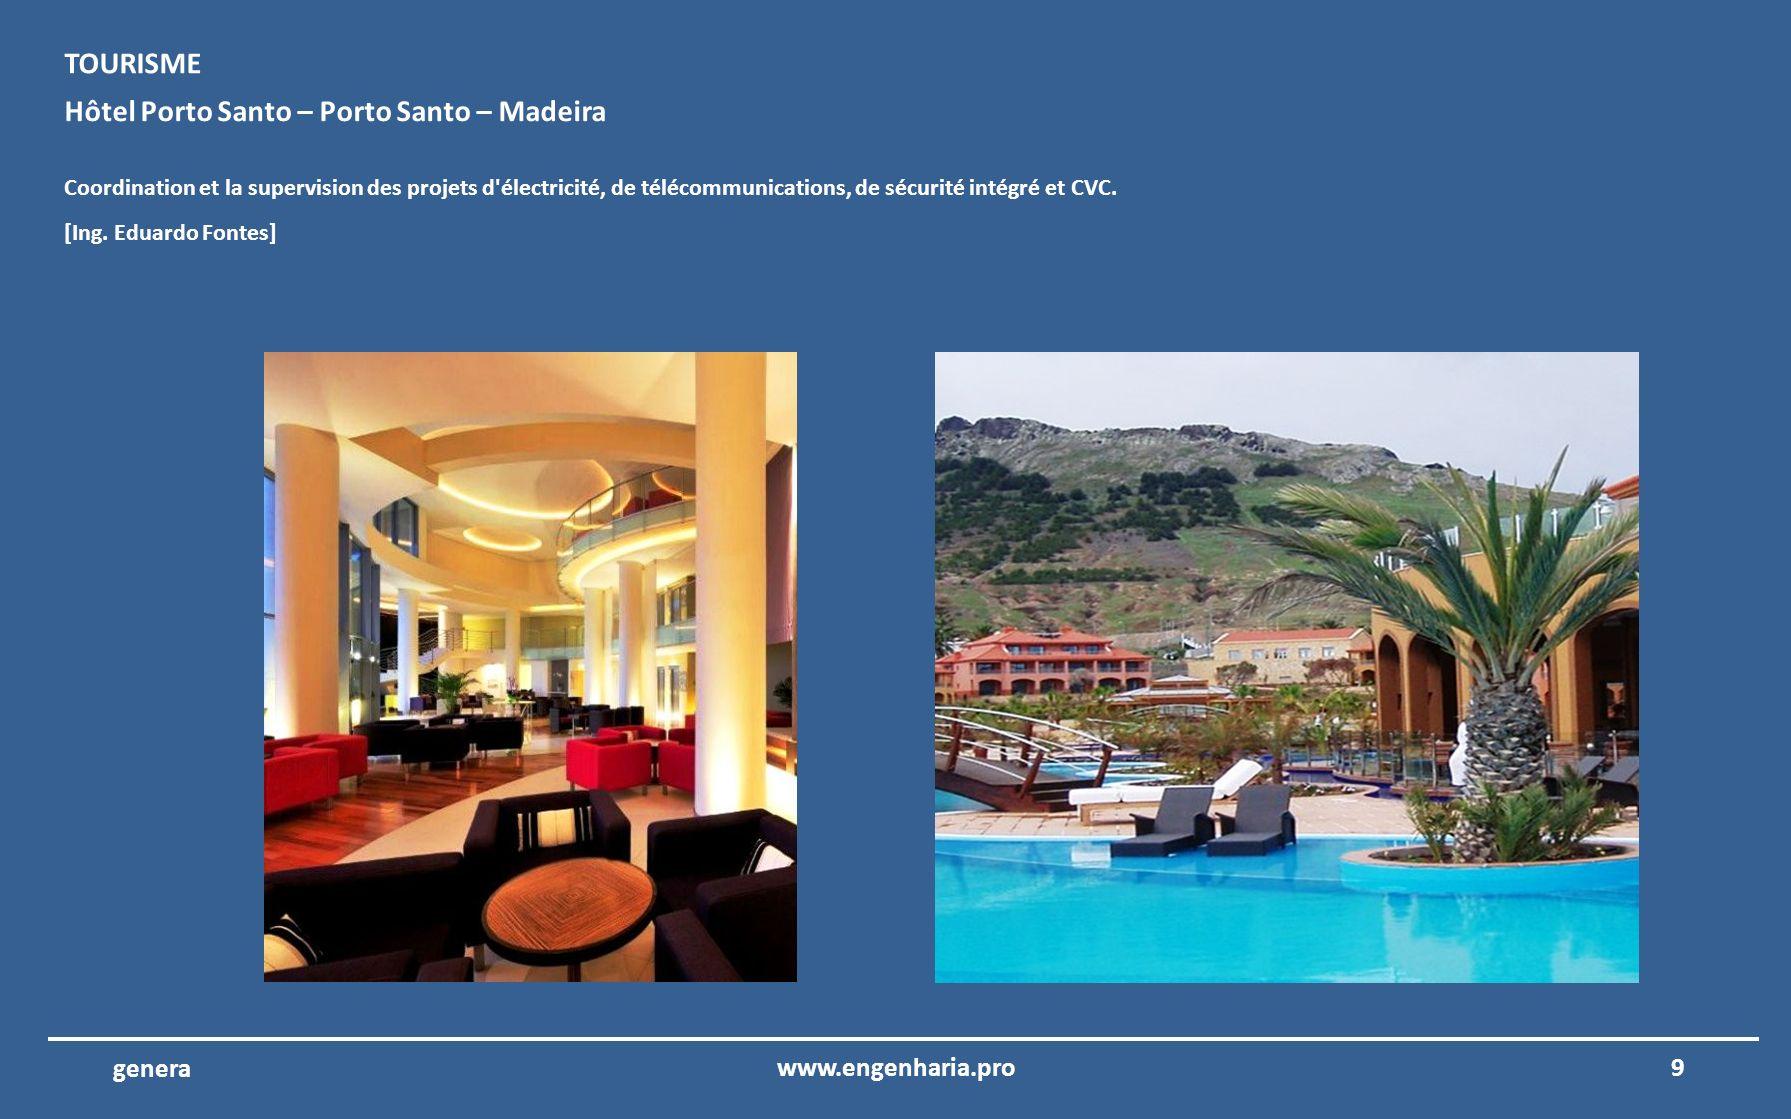 9www.engenharia.pro genera Hôtel Porto Santo – Porto Santo – Madeira Coordination et la supervision des projets d électricité, de télécommunications, de sécurité intégré et CVC.